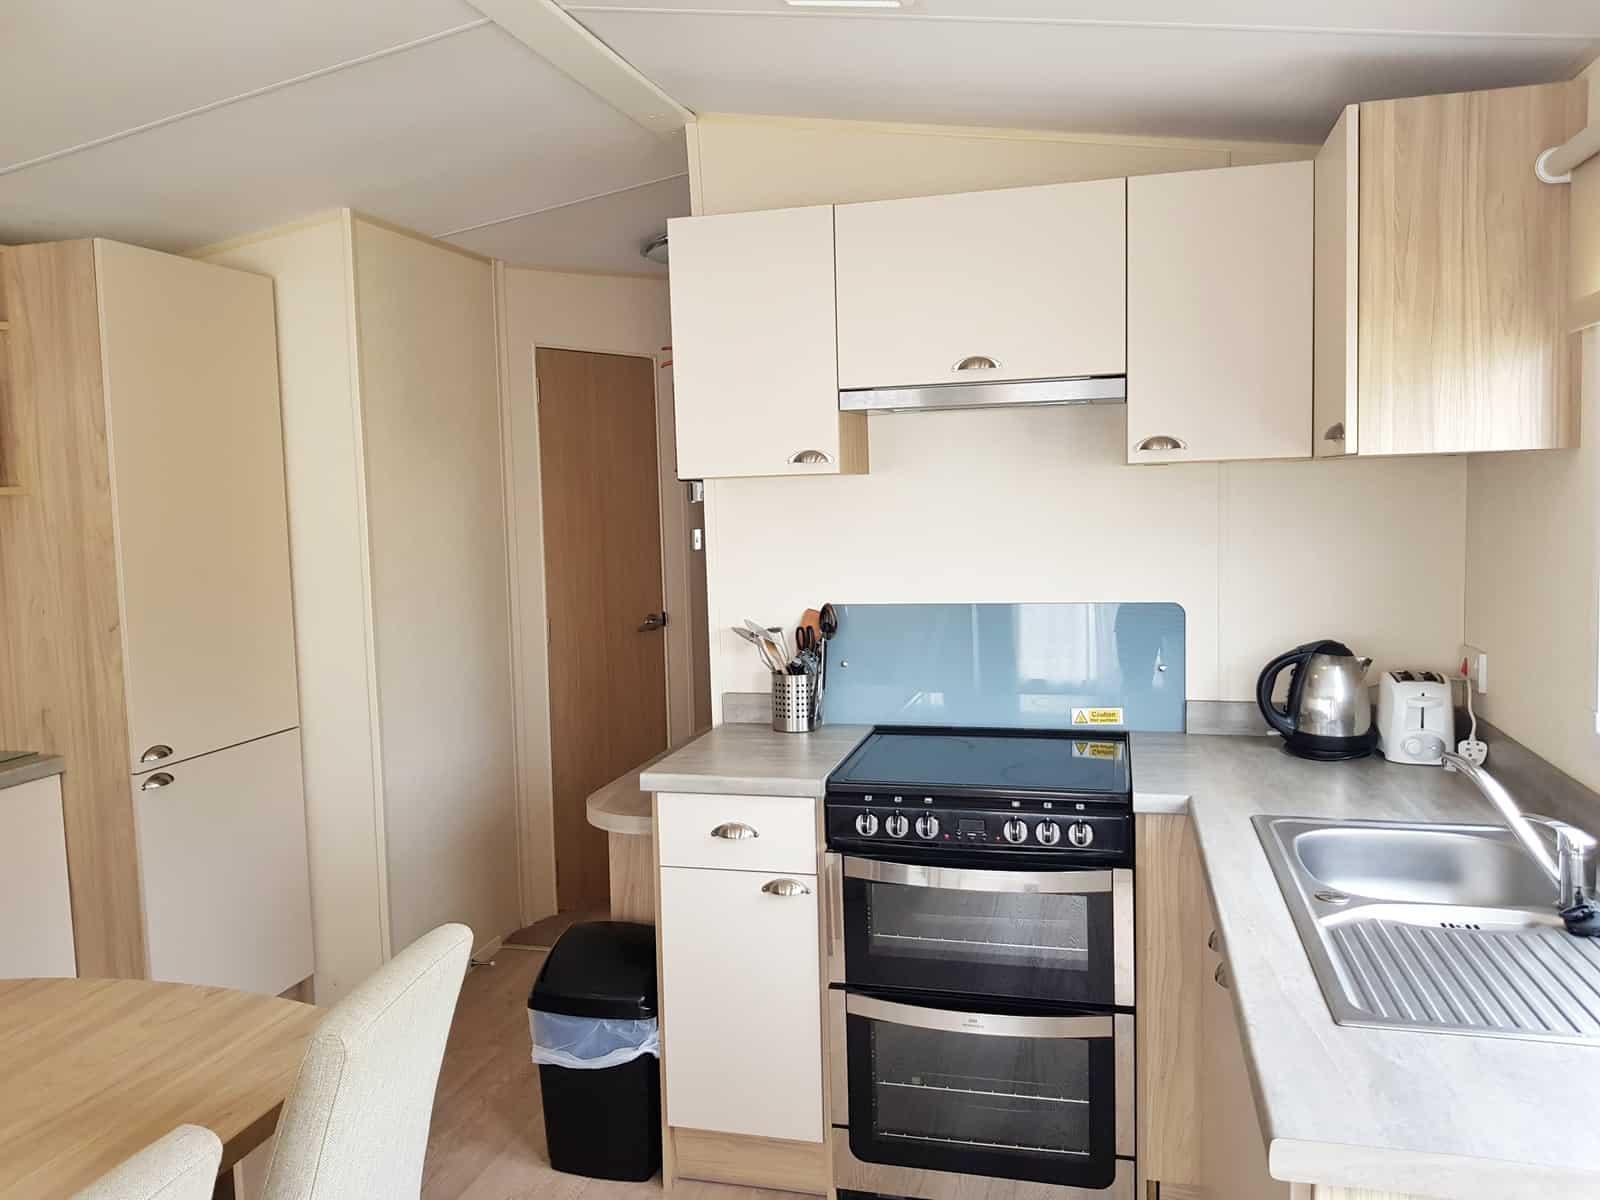 Hoburne Blue Anchor kitchen